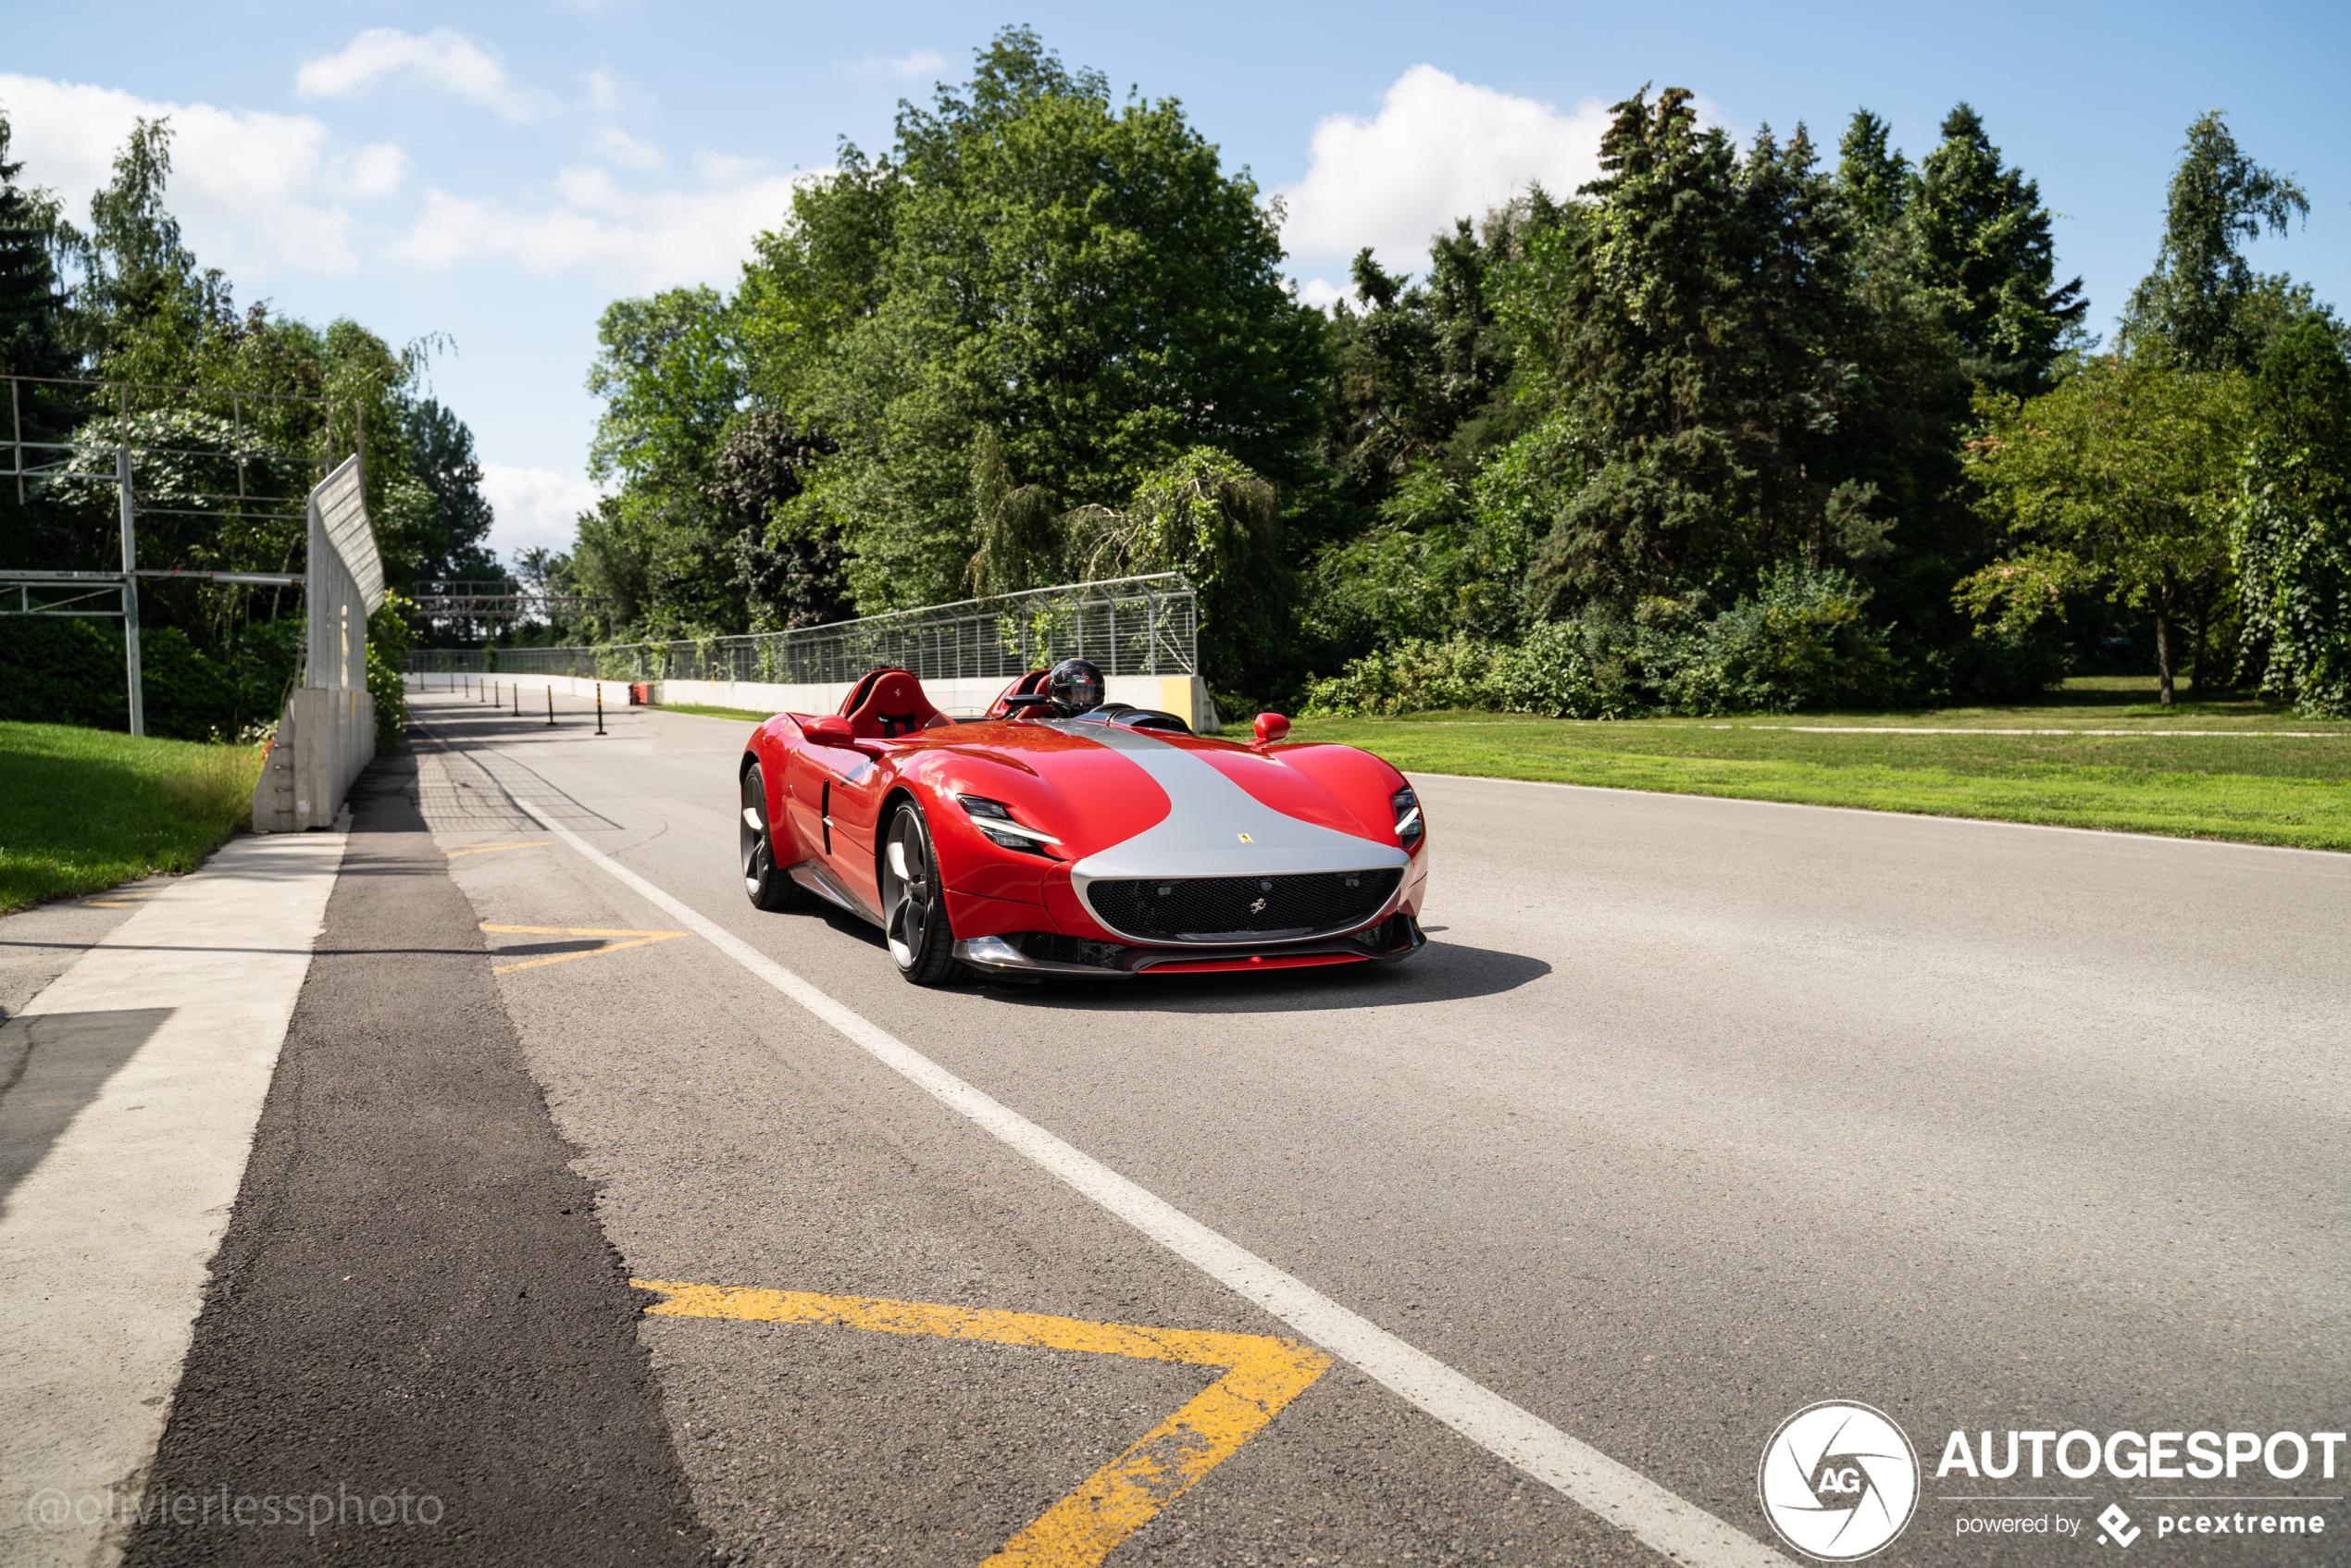 Ferrari Monza SP2 leeft zich uit op stratencircuit